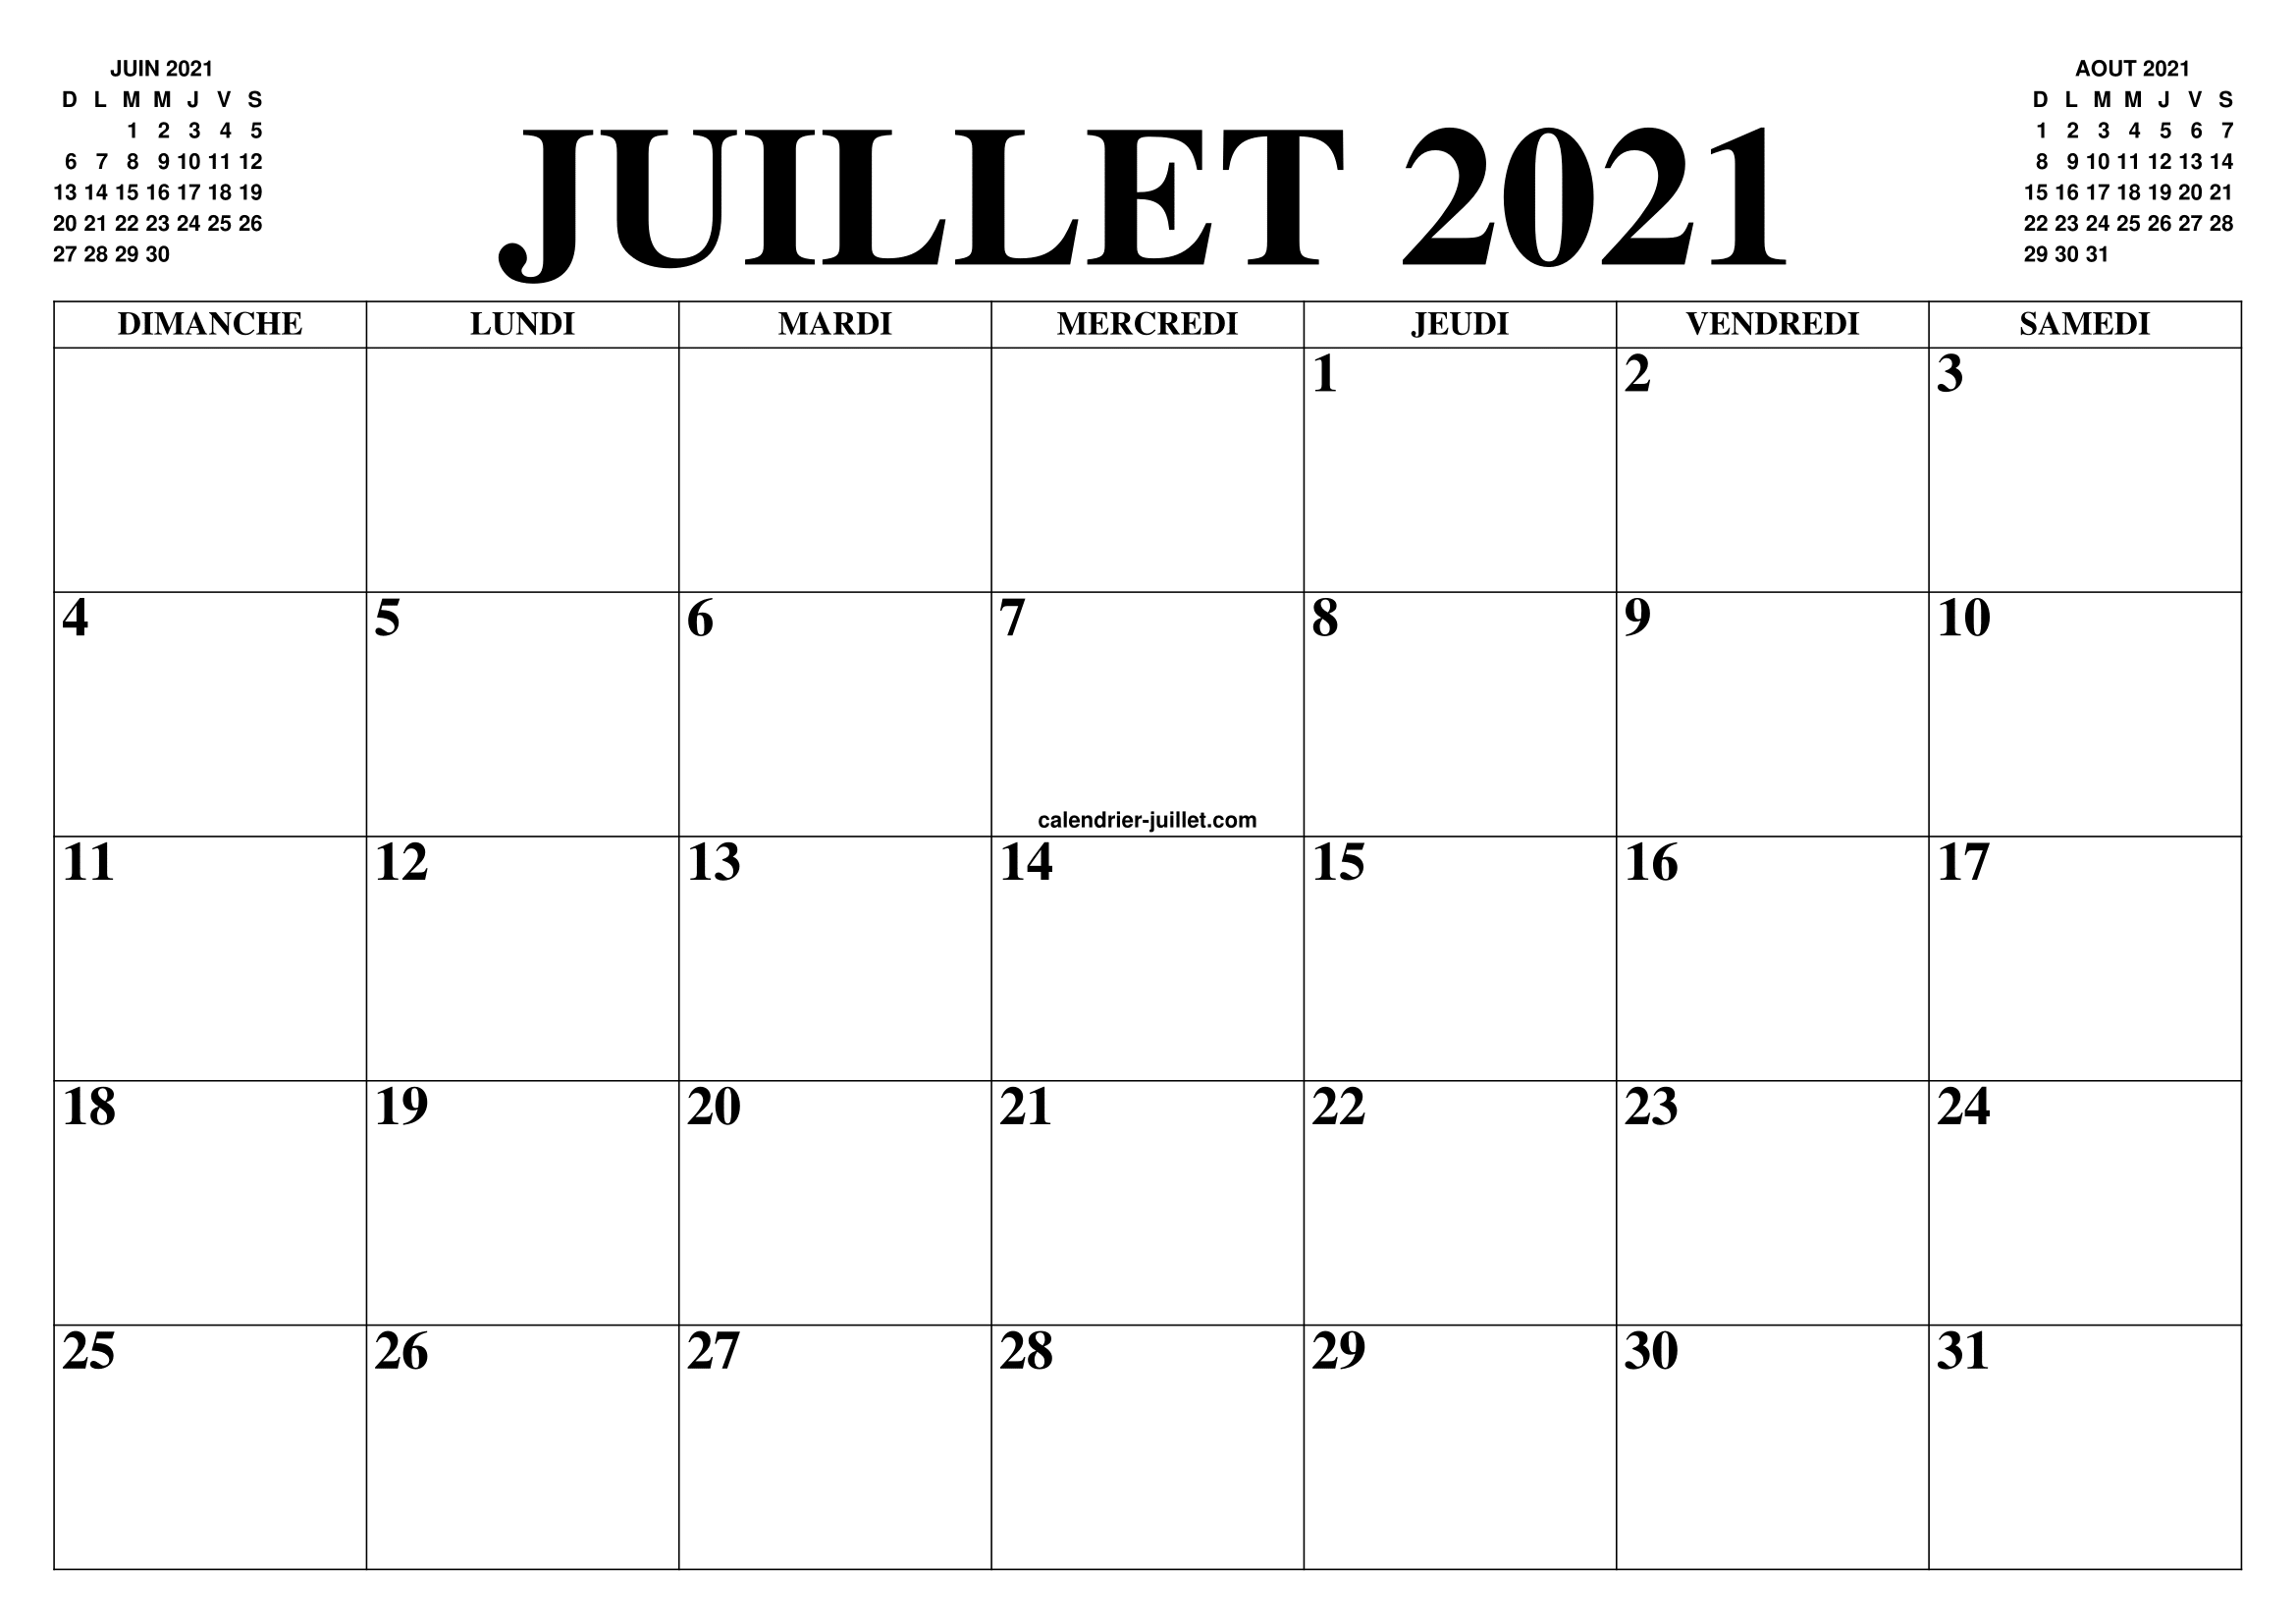 Calendrier Juillet Aout 2021 CALENDRIER JUILLET 2021 : LE CALENDRIER DU MOIS DE JUILLET GRATUIT